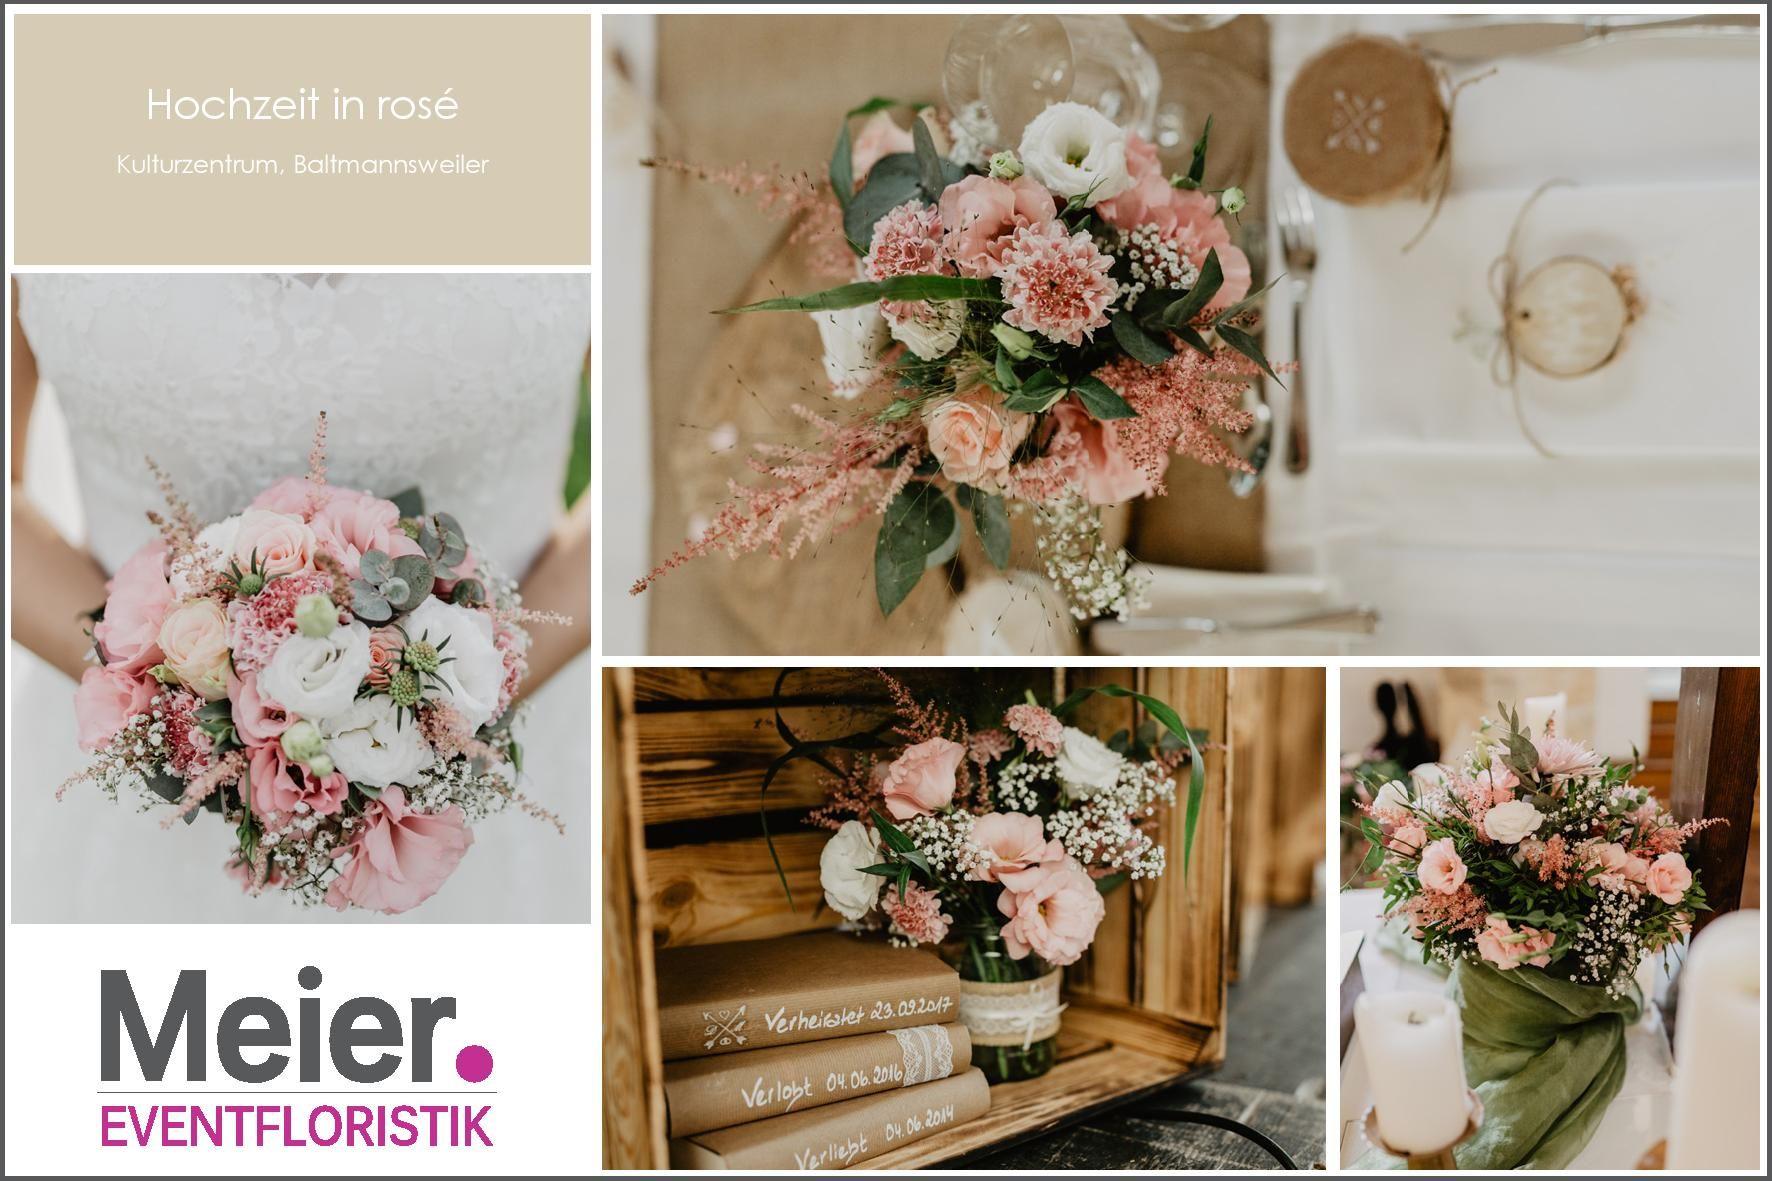 Blumenkonzept Hochzeit Mit Brautstrauss Und Tischdeko In Rosa Mit Jute Und Holz Brautstrauss Und Tischdeko Brautstrauss Kulturzentrum